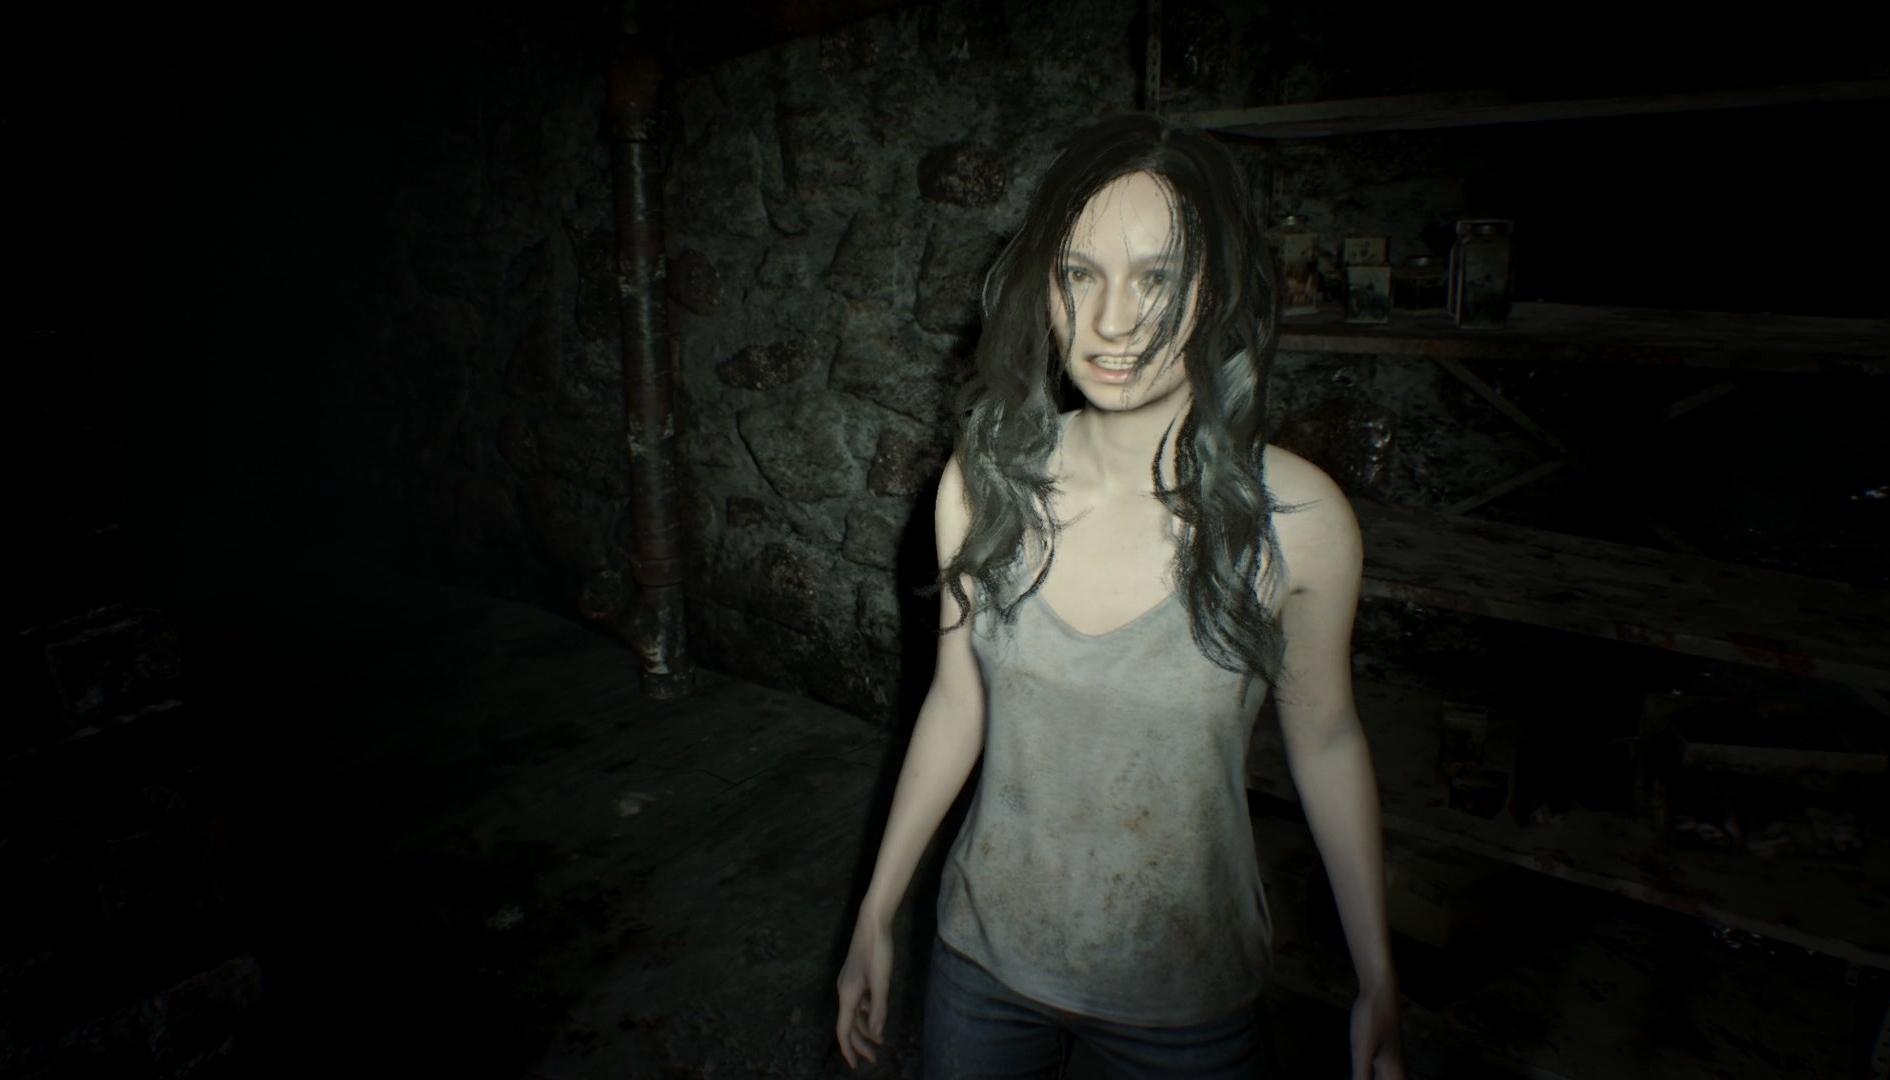 Realtà virtuale Resident Evil 7: arriva un prequel cooperativo in VR, ma solo a Tokyo